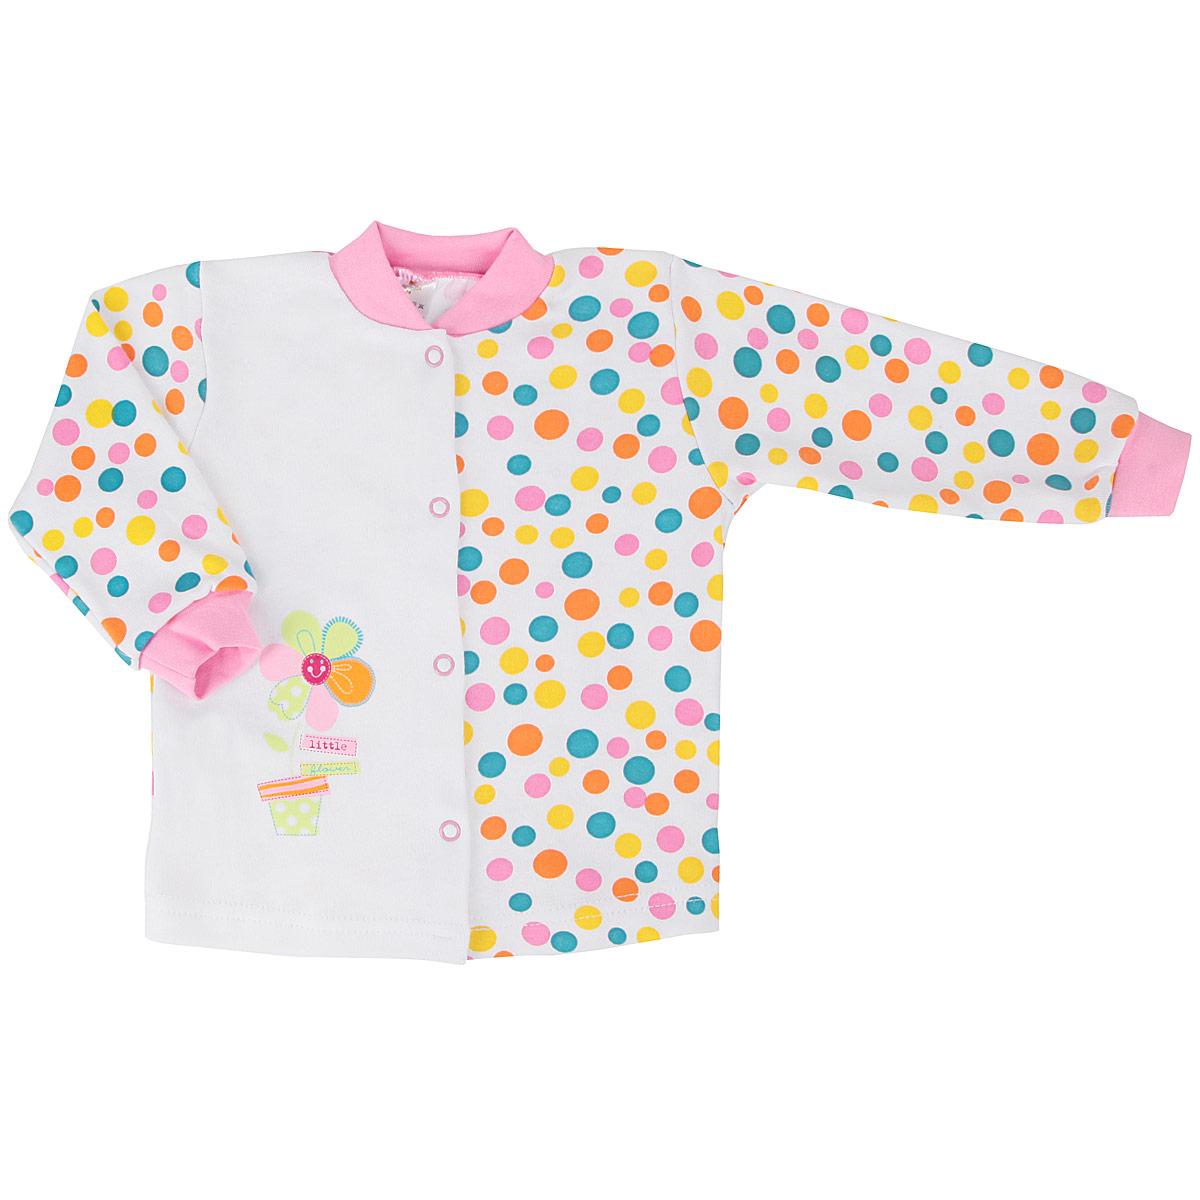 Кофточка для девочки КотМарКот, цвет: белый, розовый, бирюзовый. 7184. Размер 62, 1-3 месяца7184Кофточка для девочки КотМарКот послужит идеальным дополнением к гардеробу вашей малышки, обеспечивая ей наибольший комфорт. Кофточка с длинными рукавами изготовлена из натурального хлопка - интерлока, благодаря чему она необычайно мягкая и легкая, не раздражает нежную кожу ребенка и хорошо вентилируется, а эластичные швы приятны телу младенца и не препятствуют его движениям. Удобные застежки-кнопки по всей длине помогают легко переодеть ребенка. Рукава понизу дополнены широкими трикотажными манжетами, мягко обхватывающими запястья, а горловина - небольшим трикотажным воротничком-стоечкой. Модель оформлена цветным гороховым принтом, а также принтом с изображением цветочка. Кофточка полностью соответствует особенностям жизни ребенка в ранний период, не стесняя и не ограничивая его в движениях. В ней ваша малышка всегда будет в центре внимания.